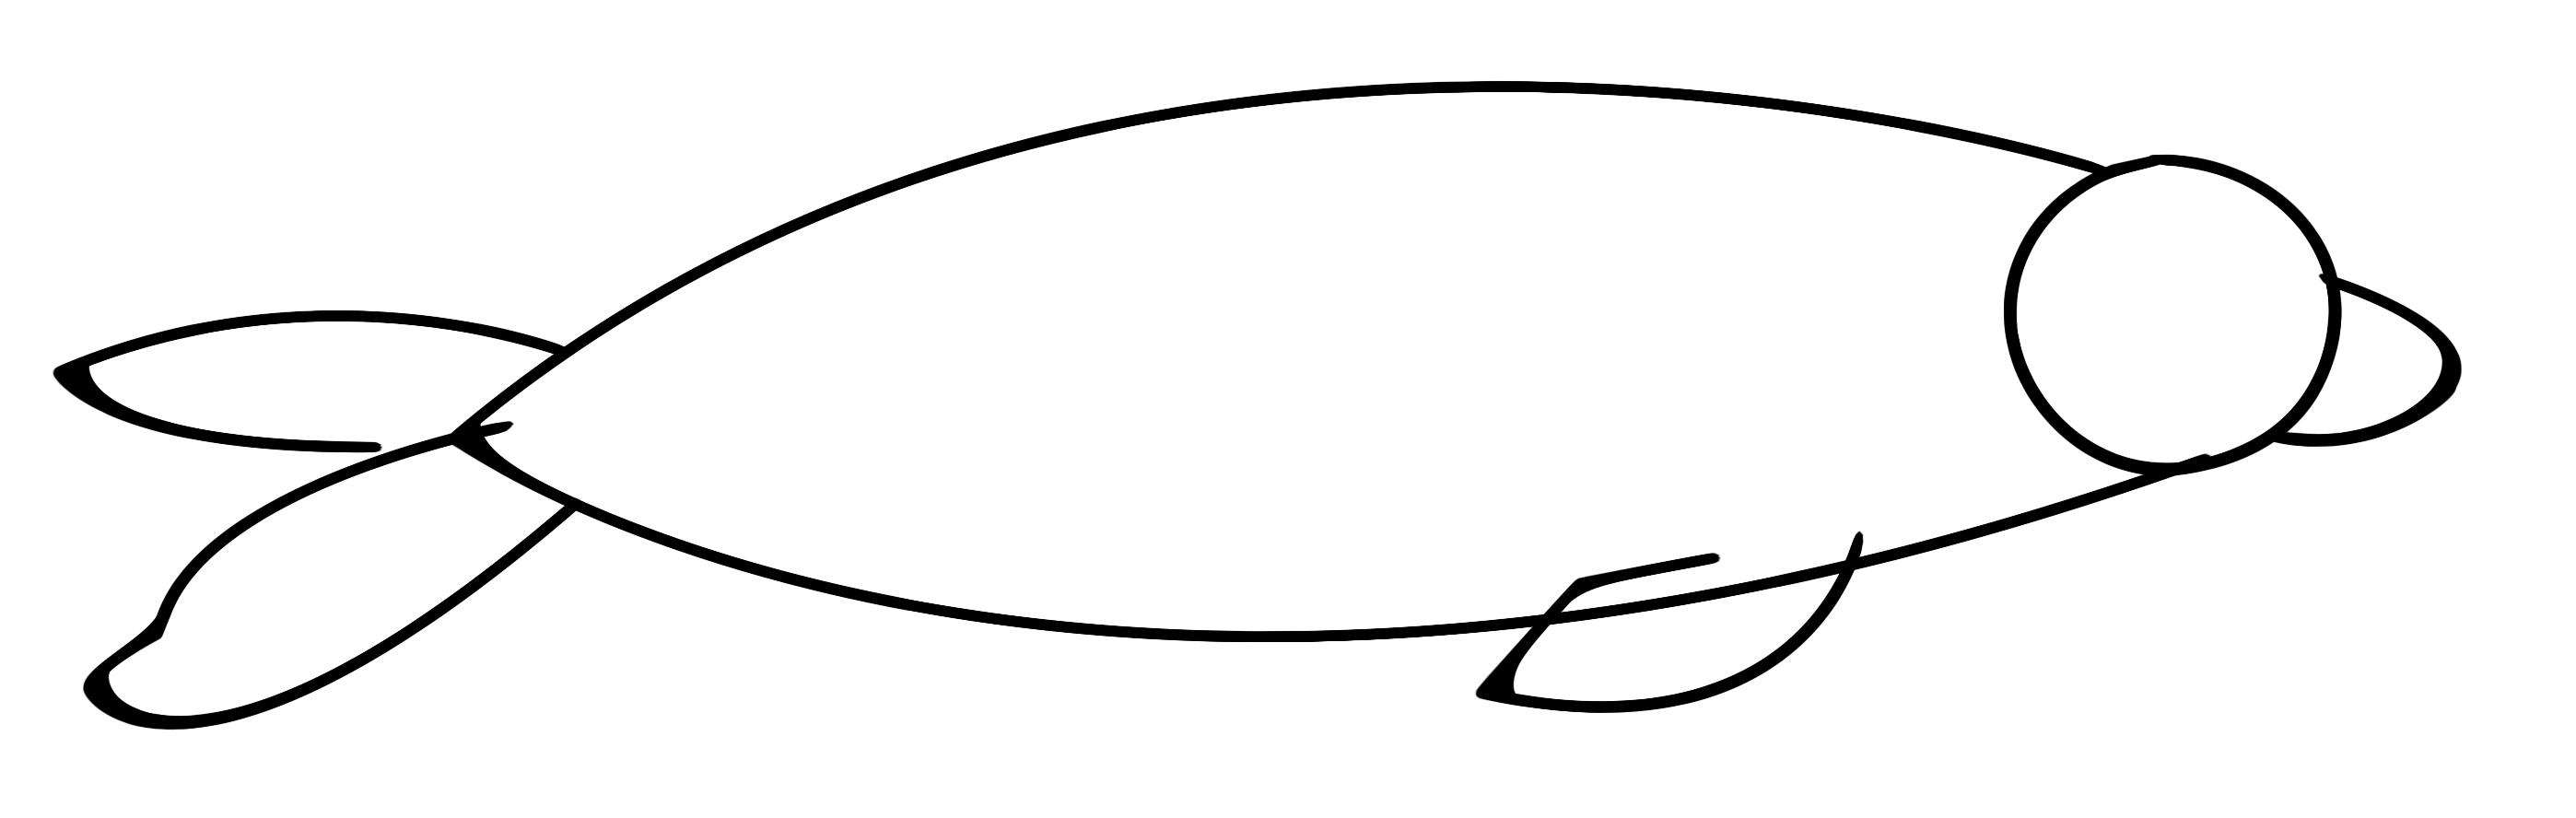 tutorial wie kann ich einen seehund zeichnen eine robbe skizzieren. Black Bedroom Furniture Sets. Home Design Ideas